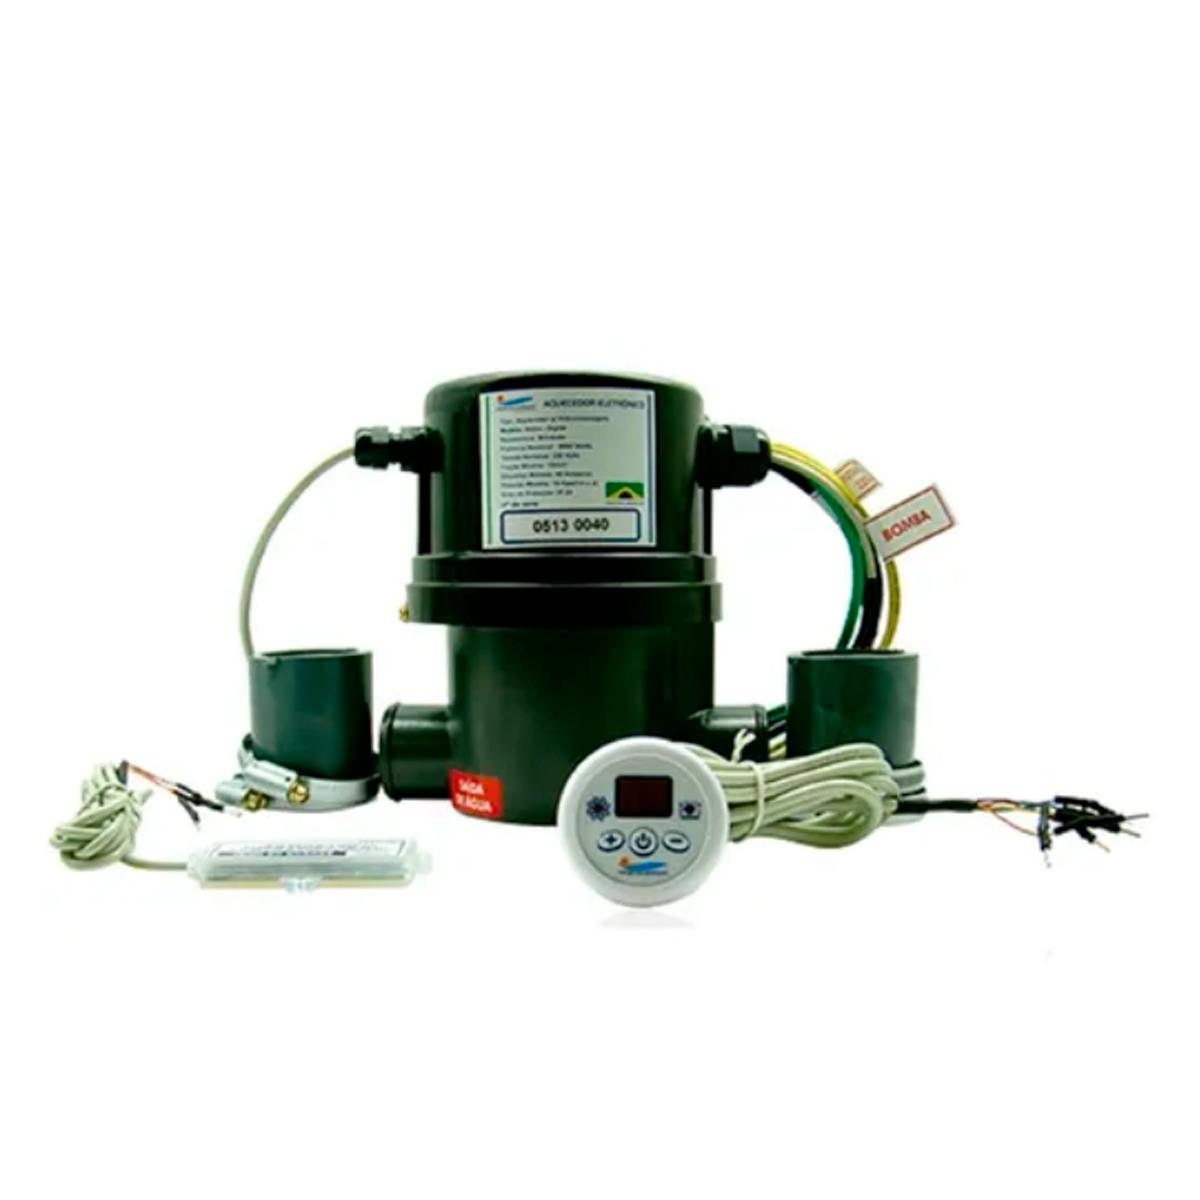 Aquecedor Hidroconfort Get 5000w 220v - Kit